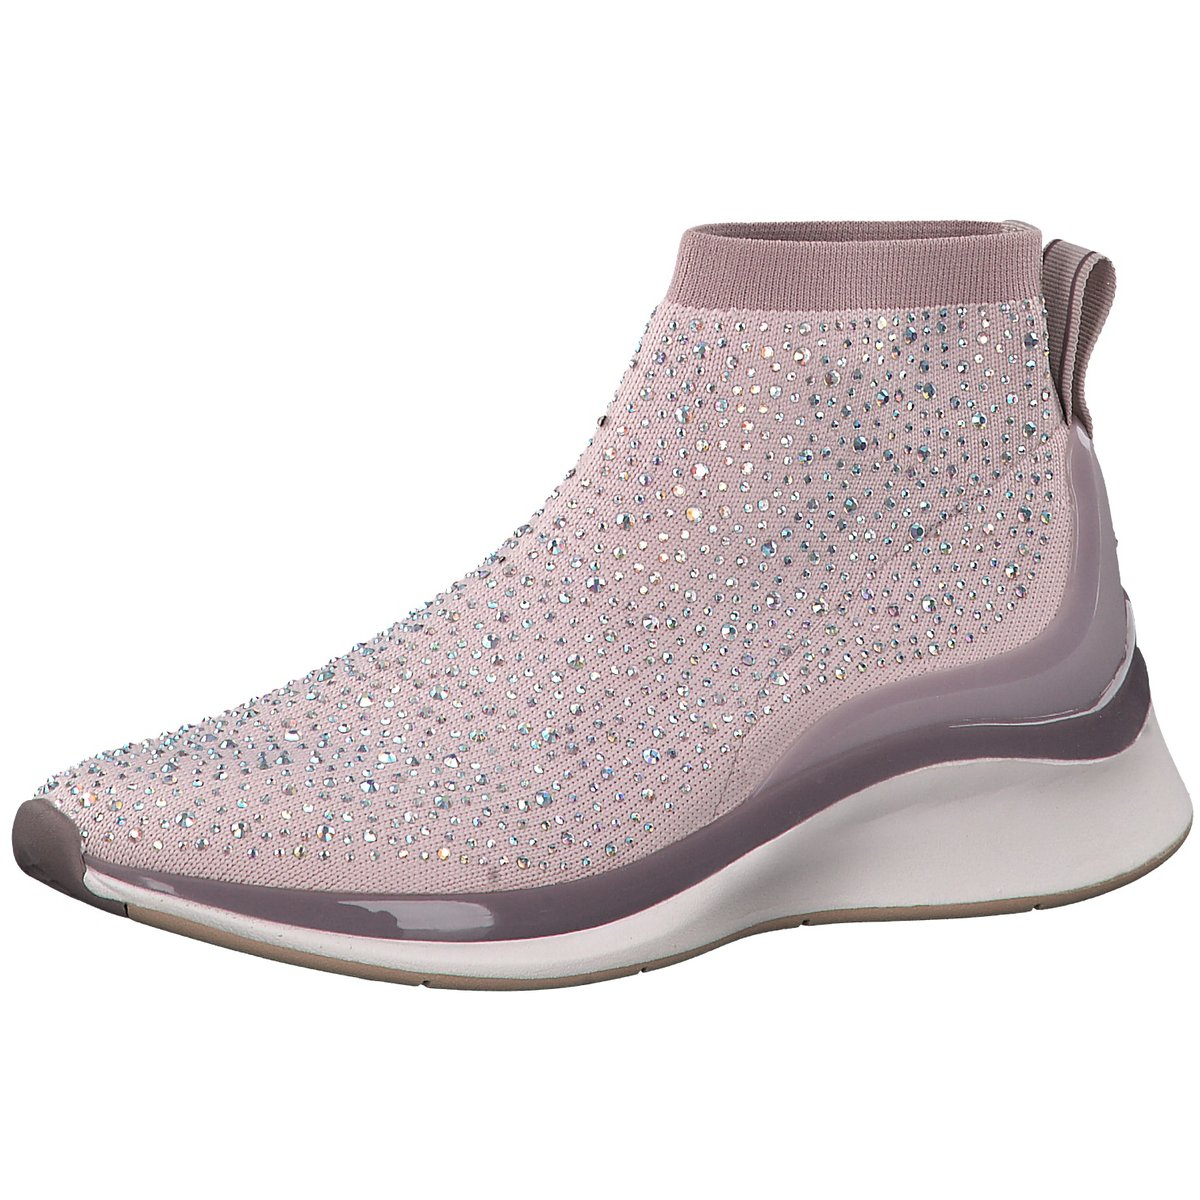 Details zu Tamaris Damen Sneaker Da. Stiefel 1 1 25403 23 554 rosa 701655